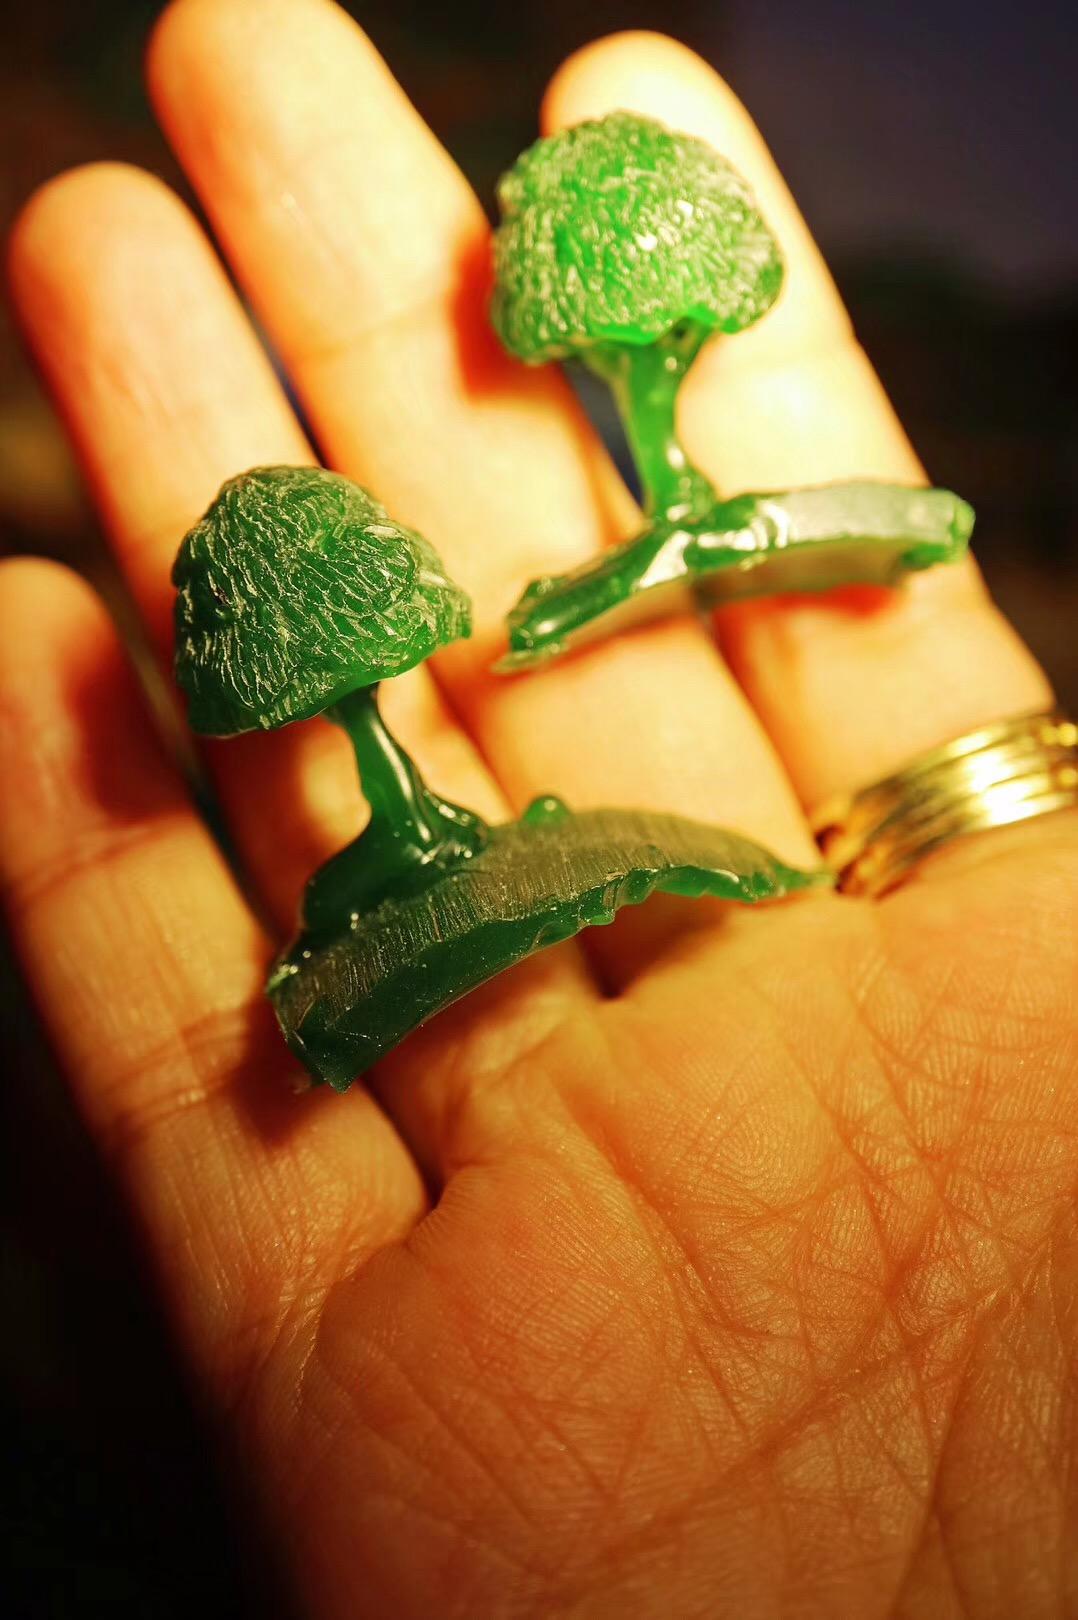 【菩心|钛晶定制】满满爱意的定制,爸爸妈妈每人一串生命之树-菩心晶舍